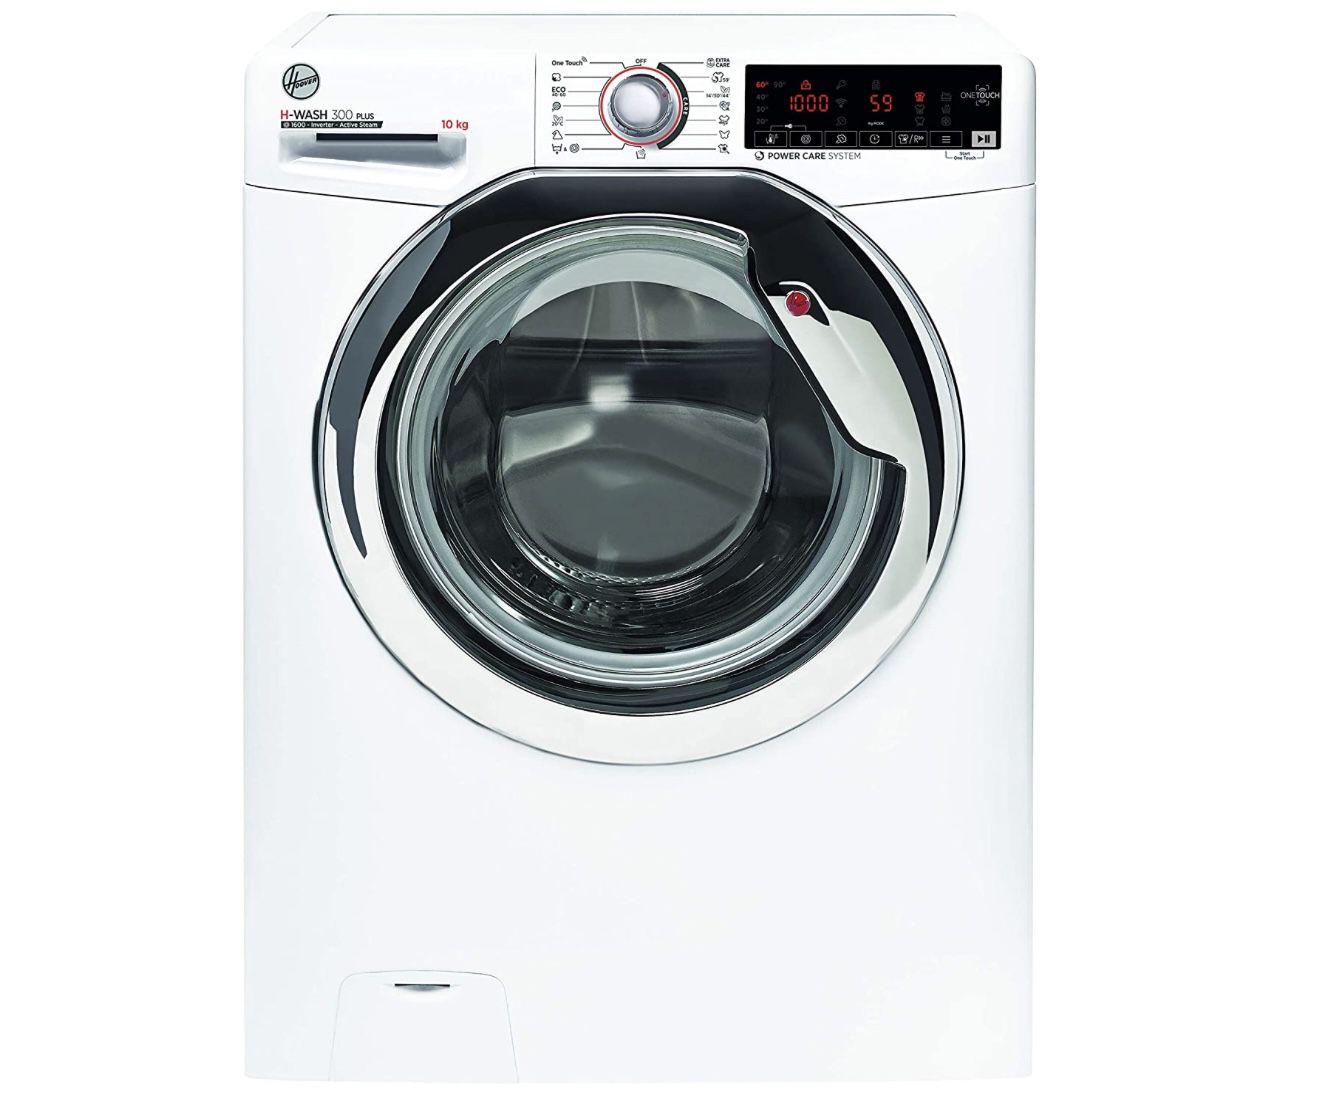 Hoover H3WS610TAMCE/1 S 10kg Waschmaschine mit 1600 U/Min für 339€ (statt 397€)